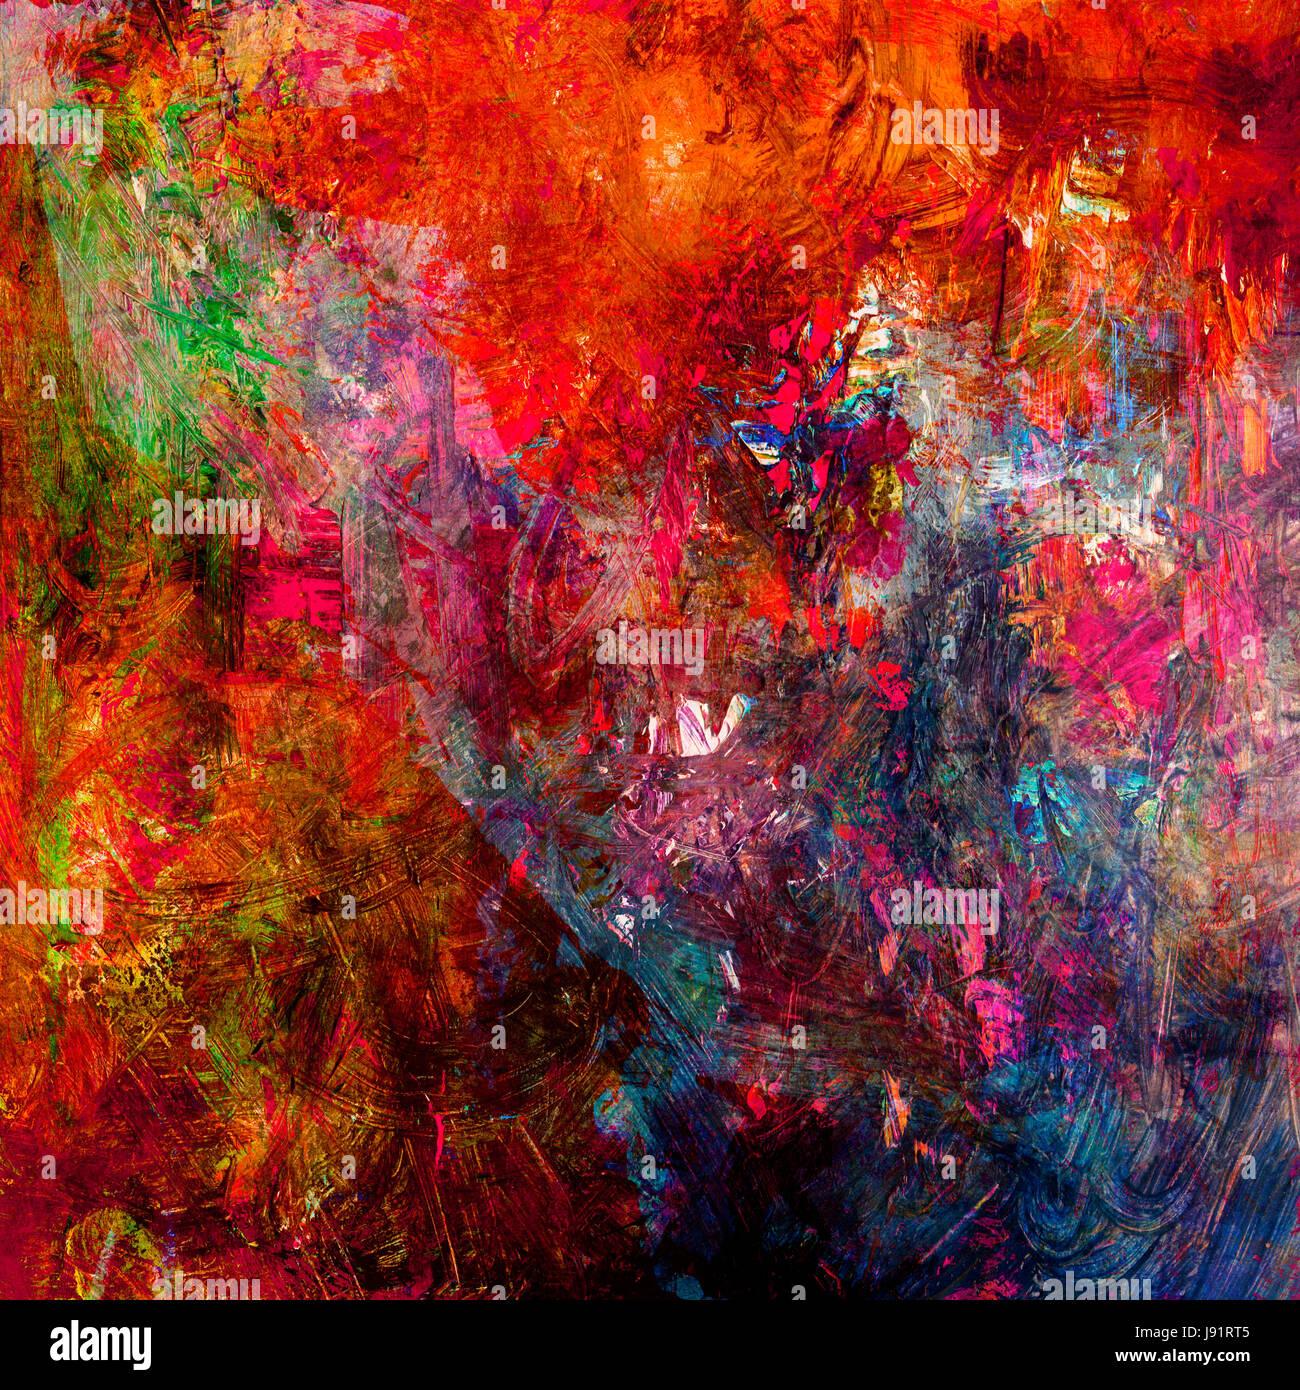 painting textures impasto Stock Photo 143255509 Alamy